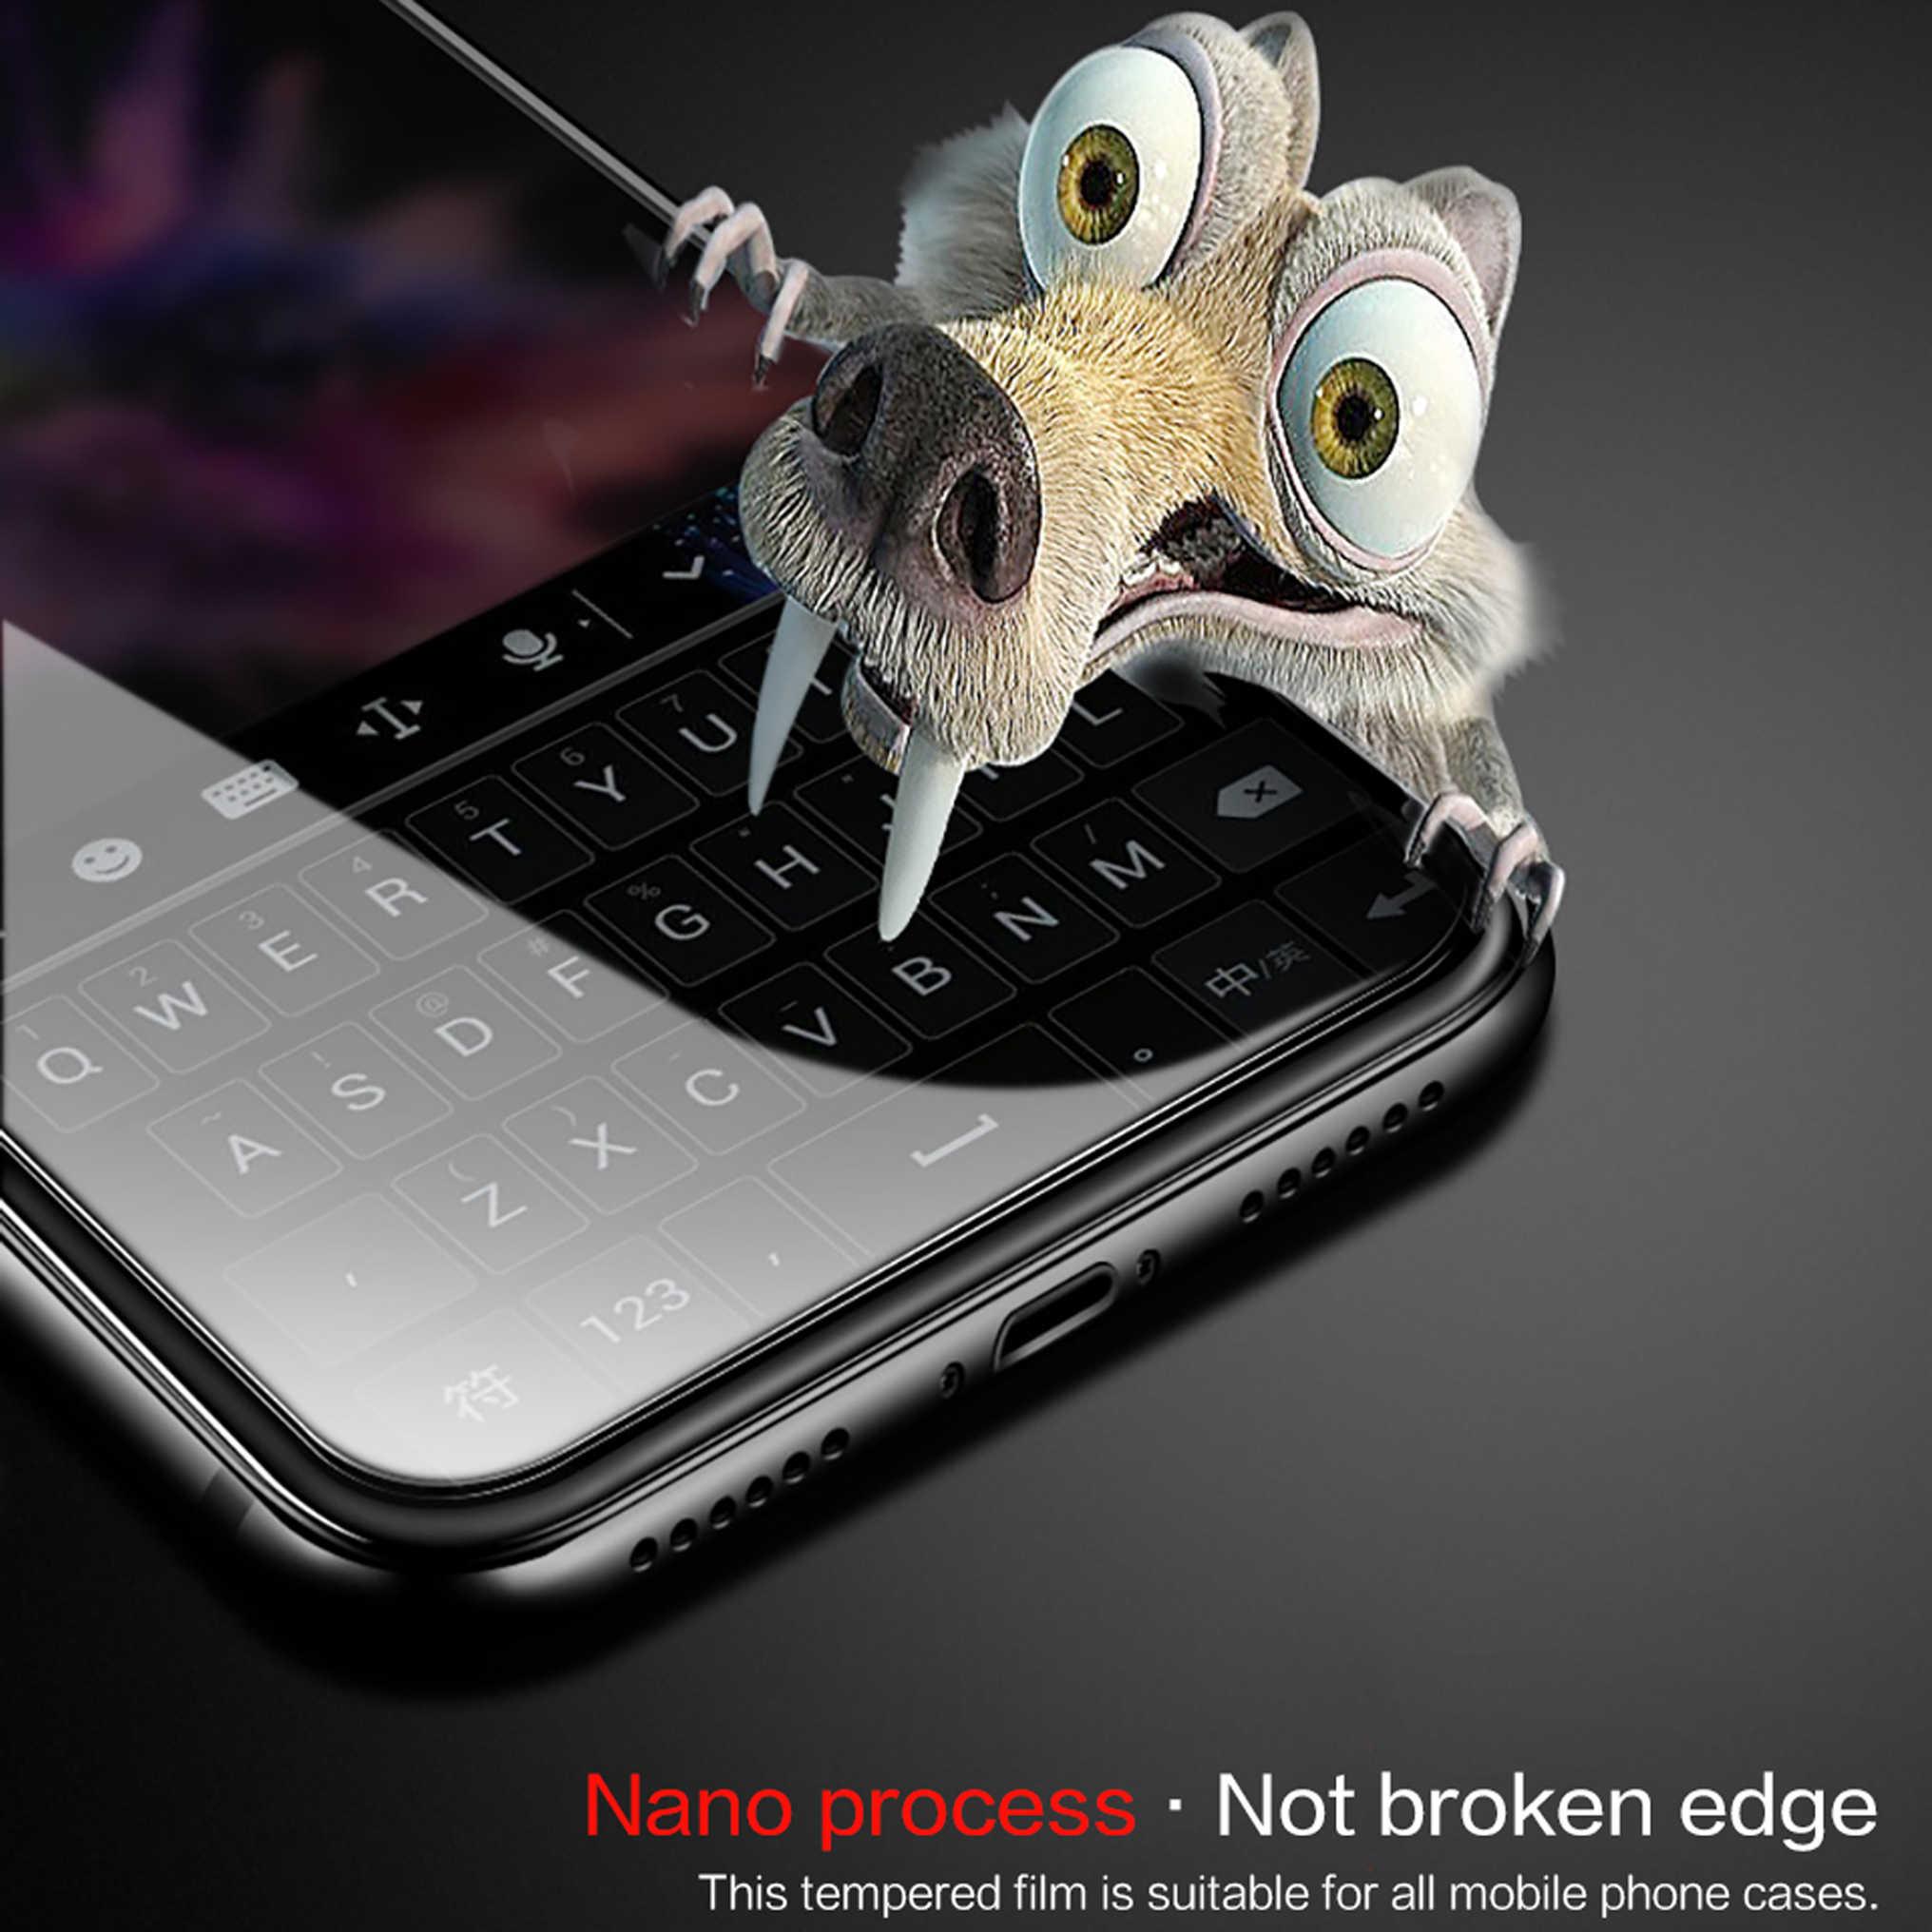 HD закаленное Стекло экранный протектор уфи для LG G2 G3 G4 мини G6 плюс G2 G3 G4 G5 G6 G7 Q6 Q7 Q8 G4 стилус G Flex 2